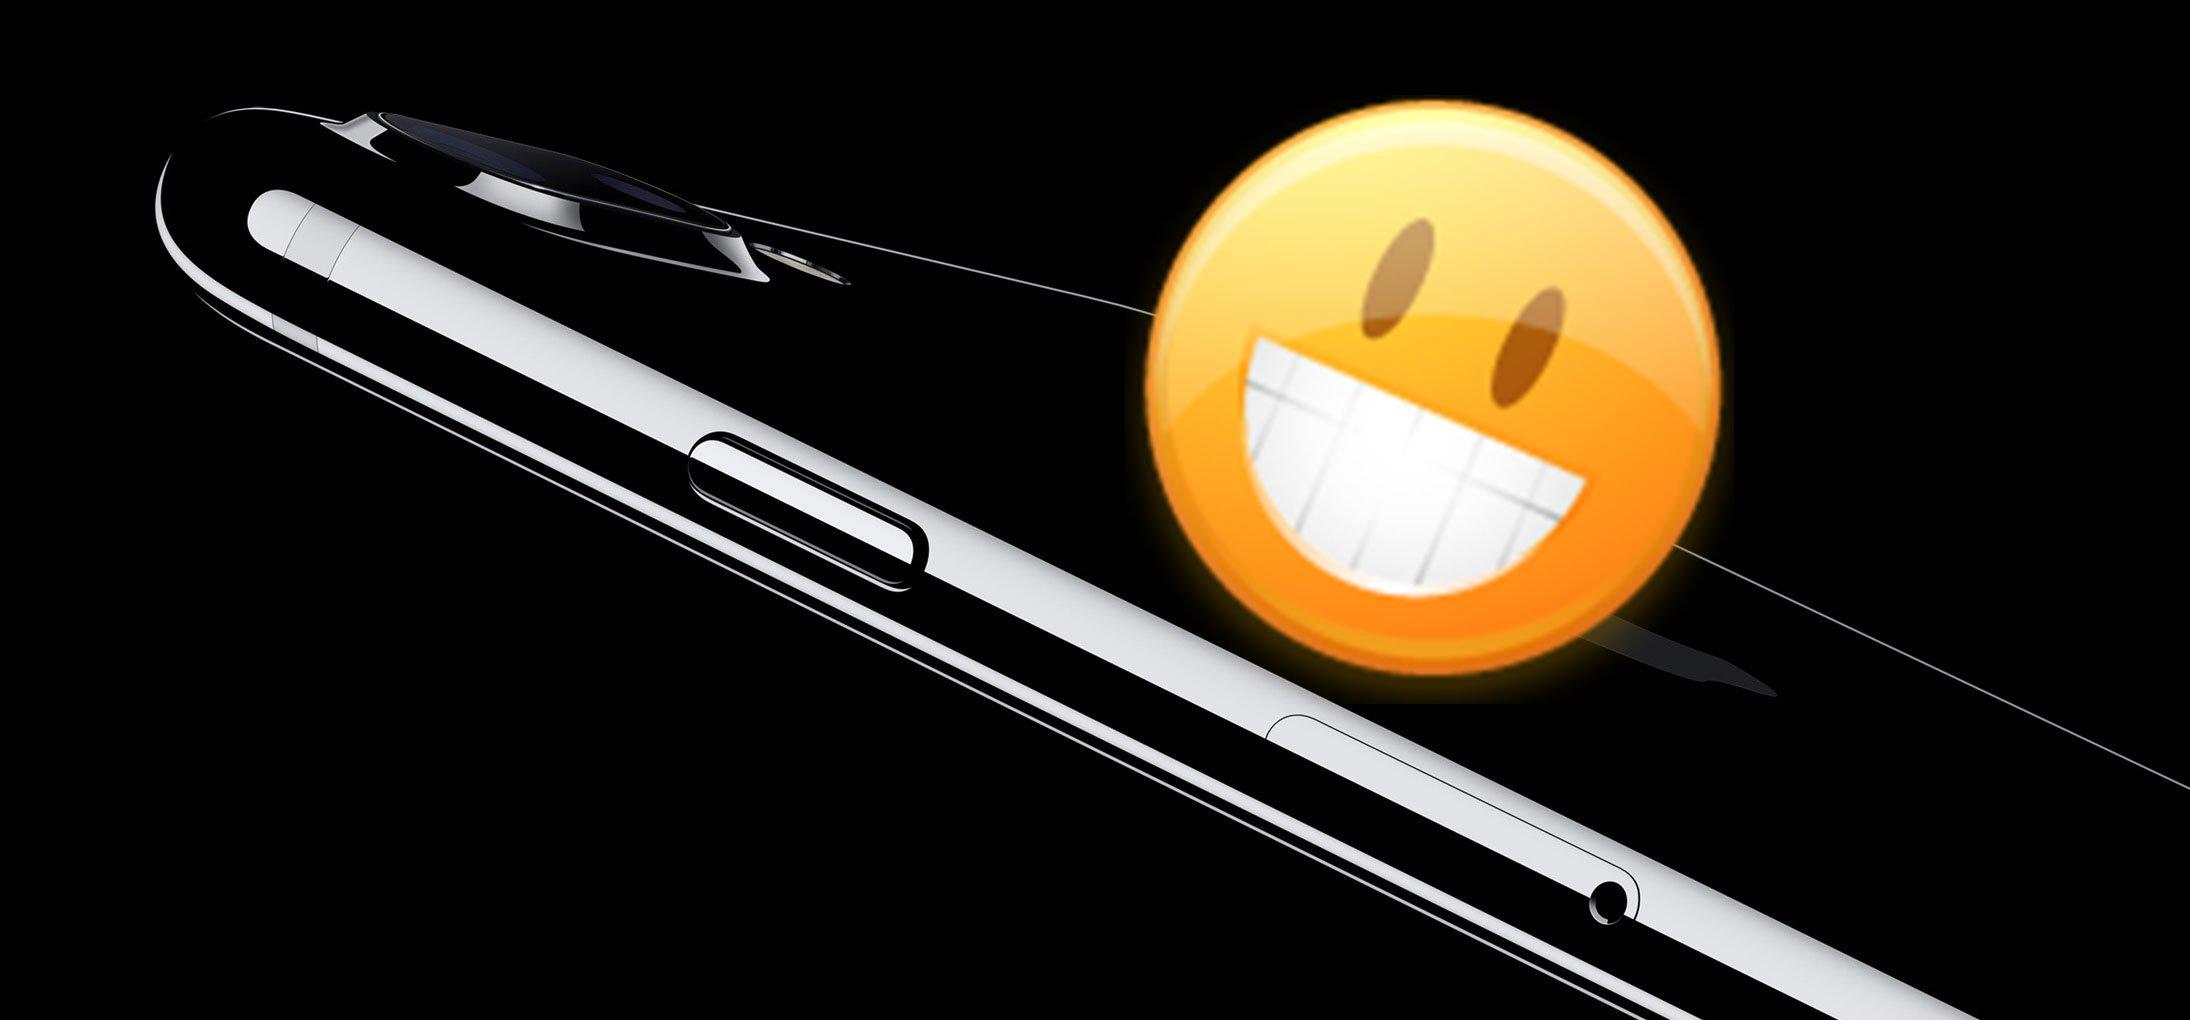 iPhone 7 schneller als Samsung Galaxy Note 7, S7 und jedes MacBook Air! 1